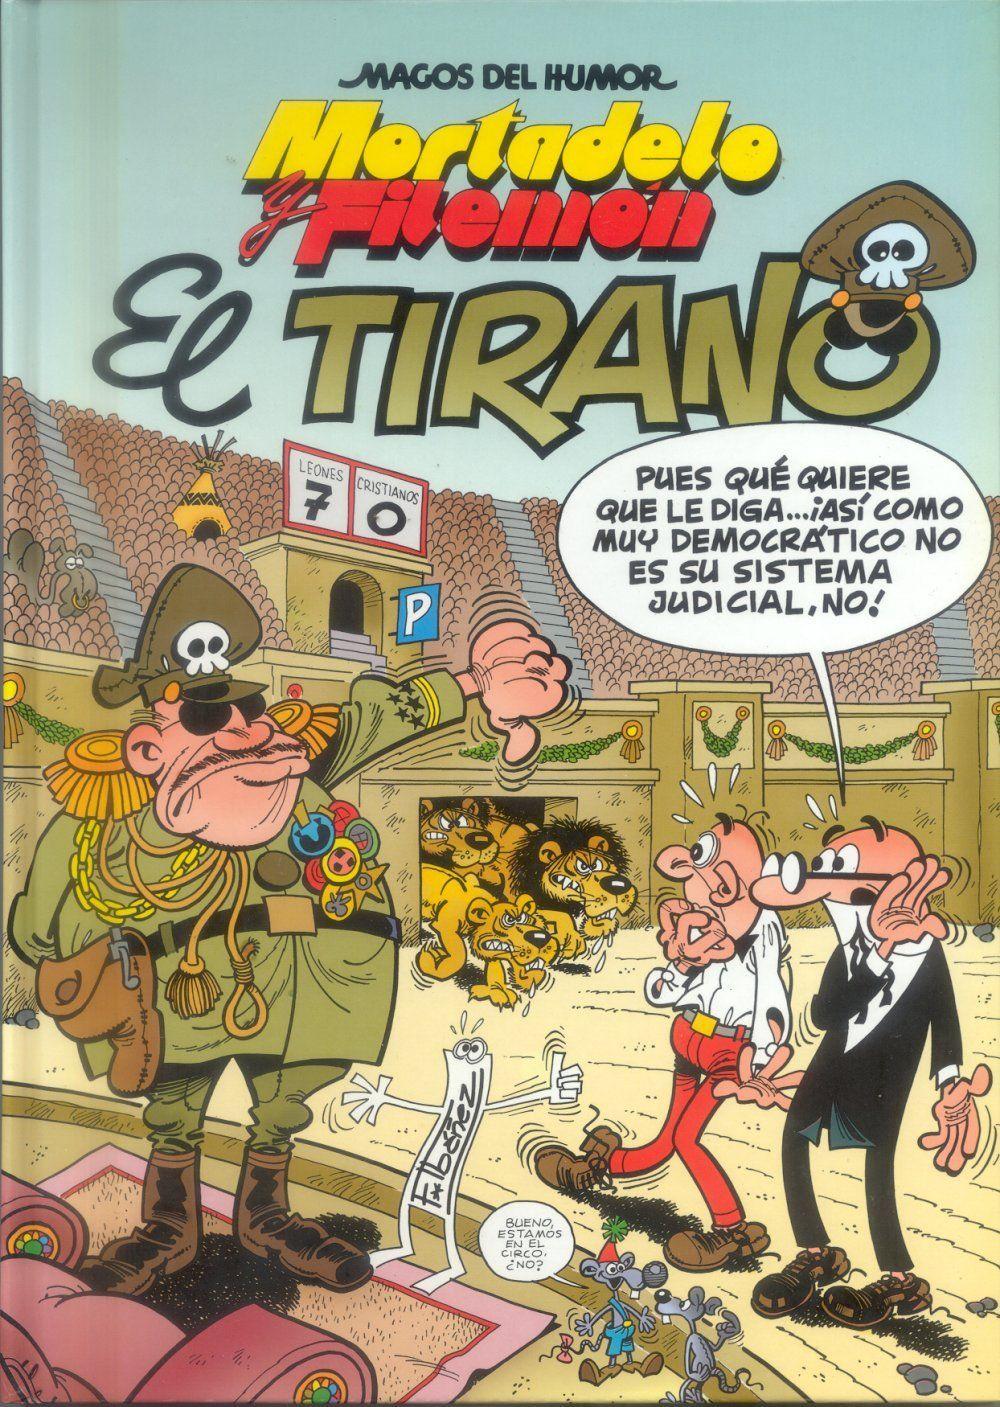 ¿Cómo se llama el dictador al que Mortadelo y Filemón se enfrentan en la historieta de El Tirano?